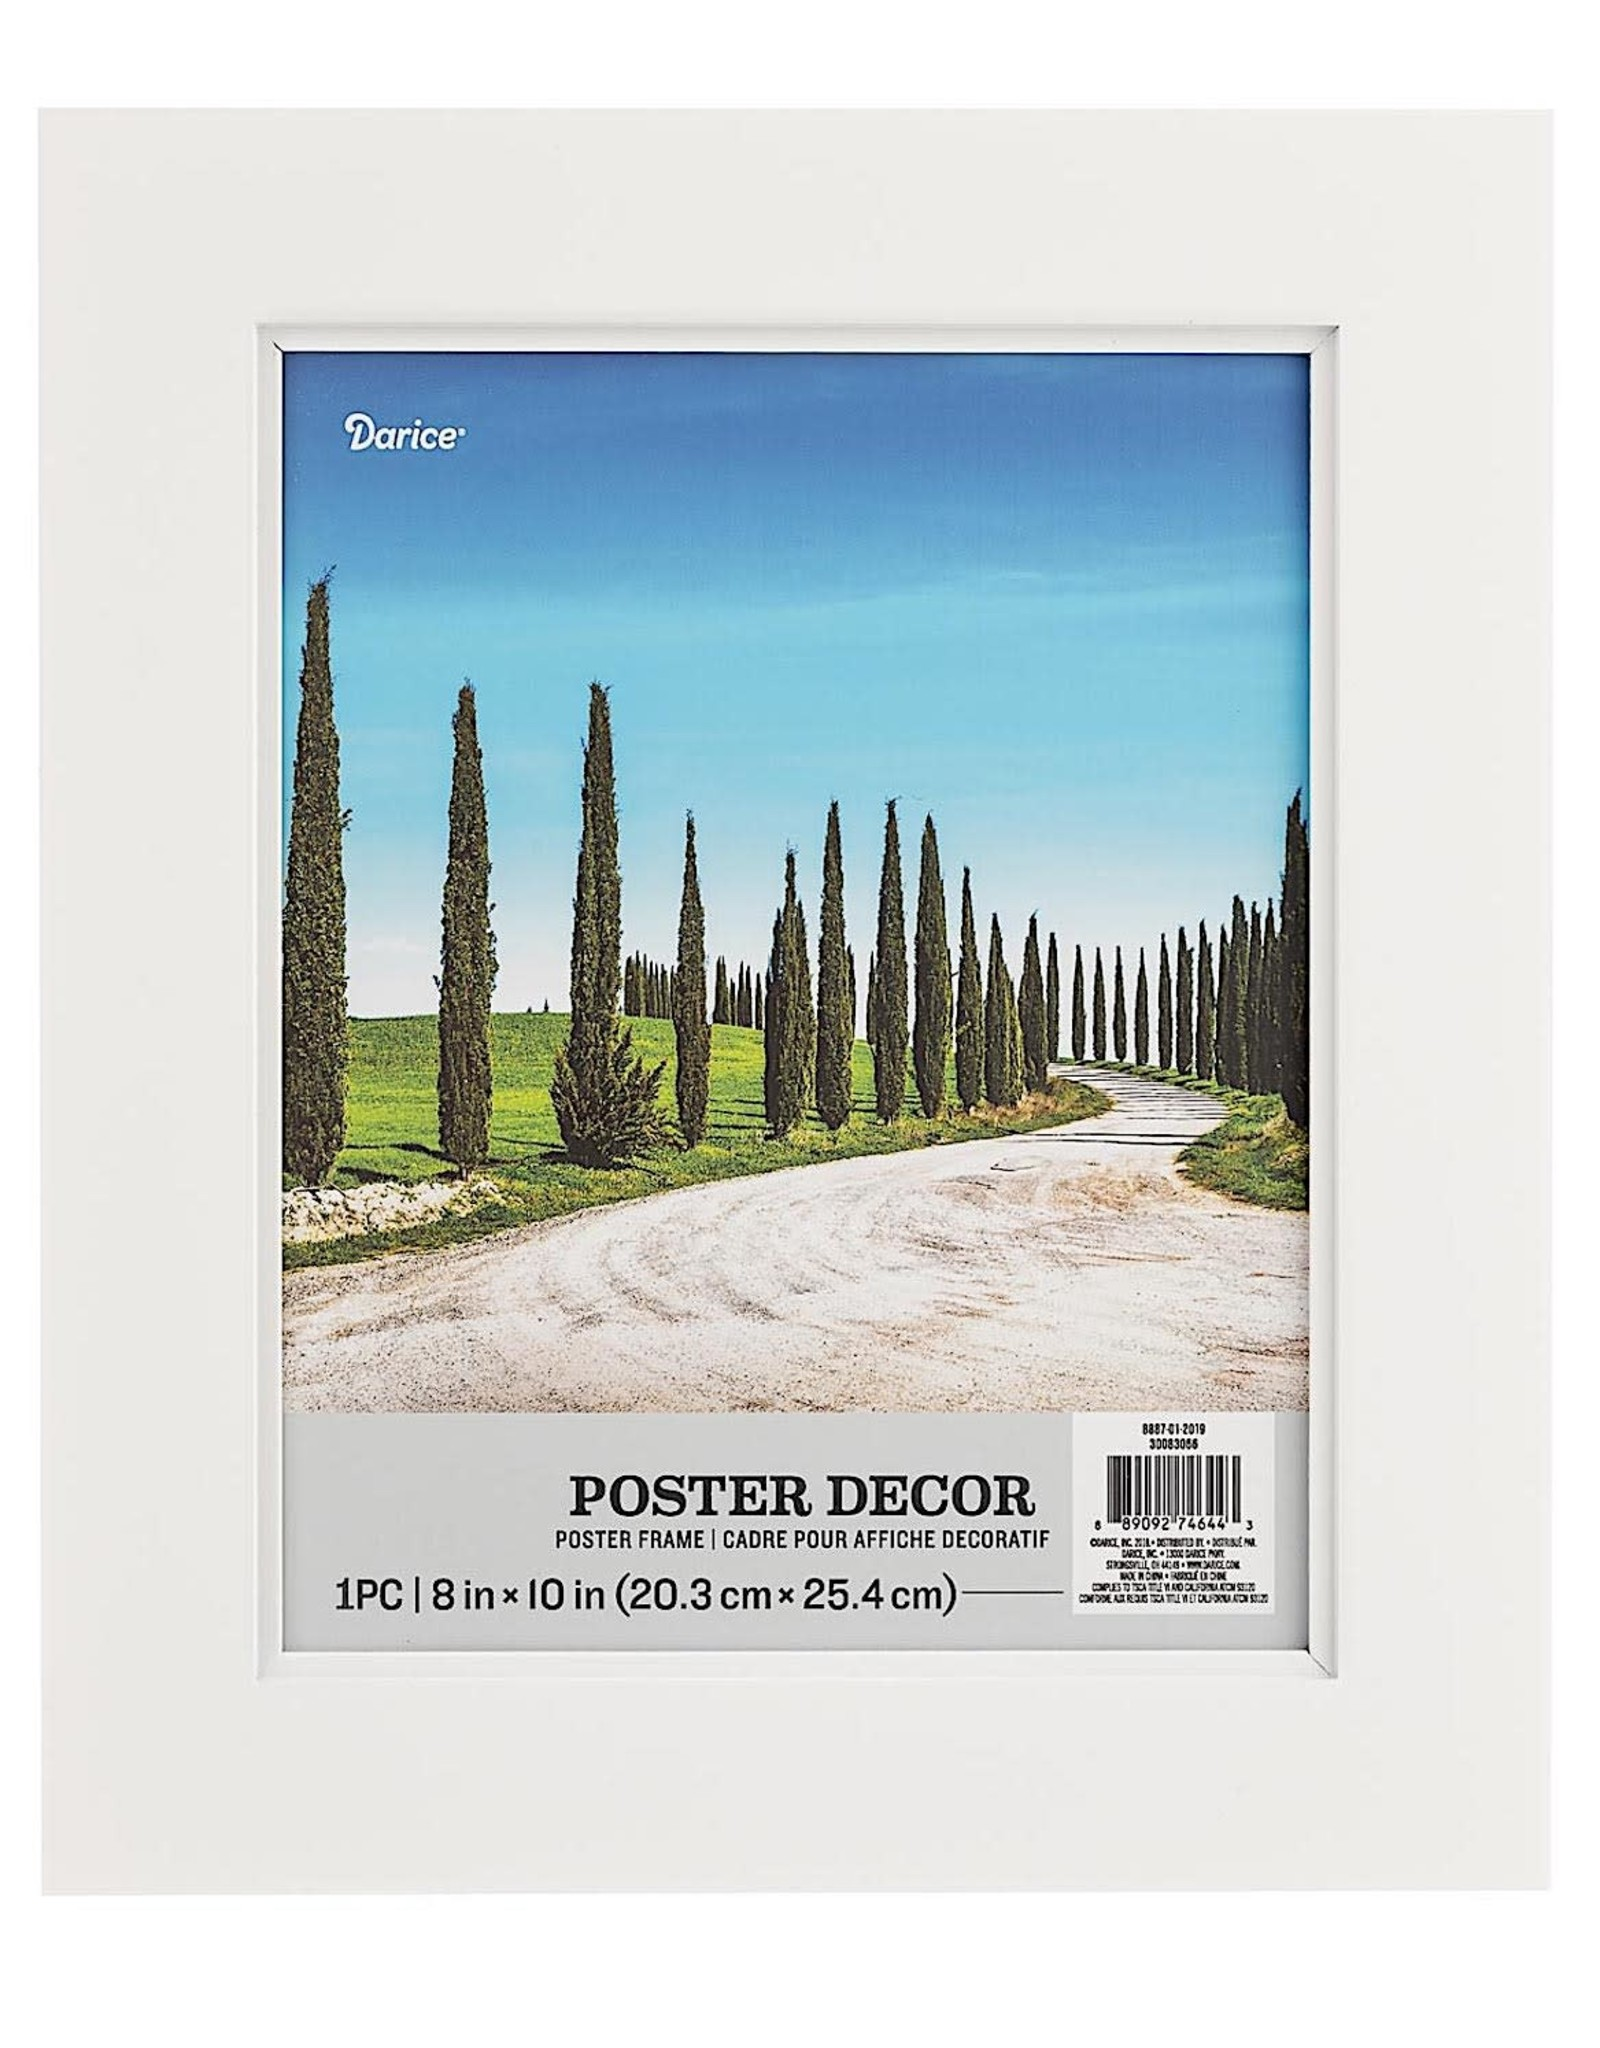 Darice 8x10 Poster Frame In White 11.25x13.25 Inch